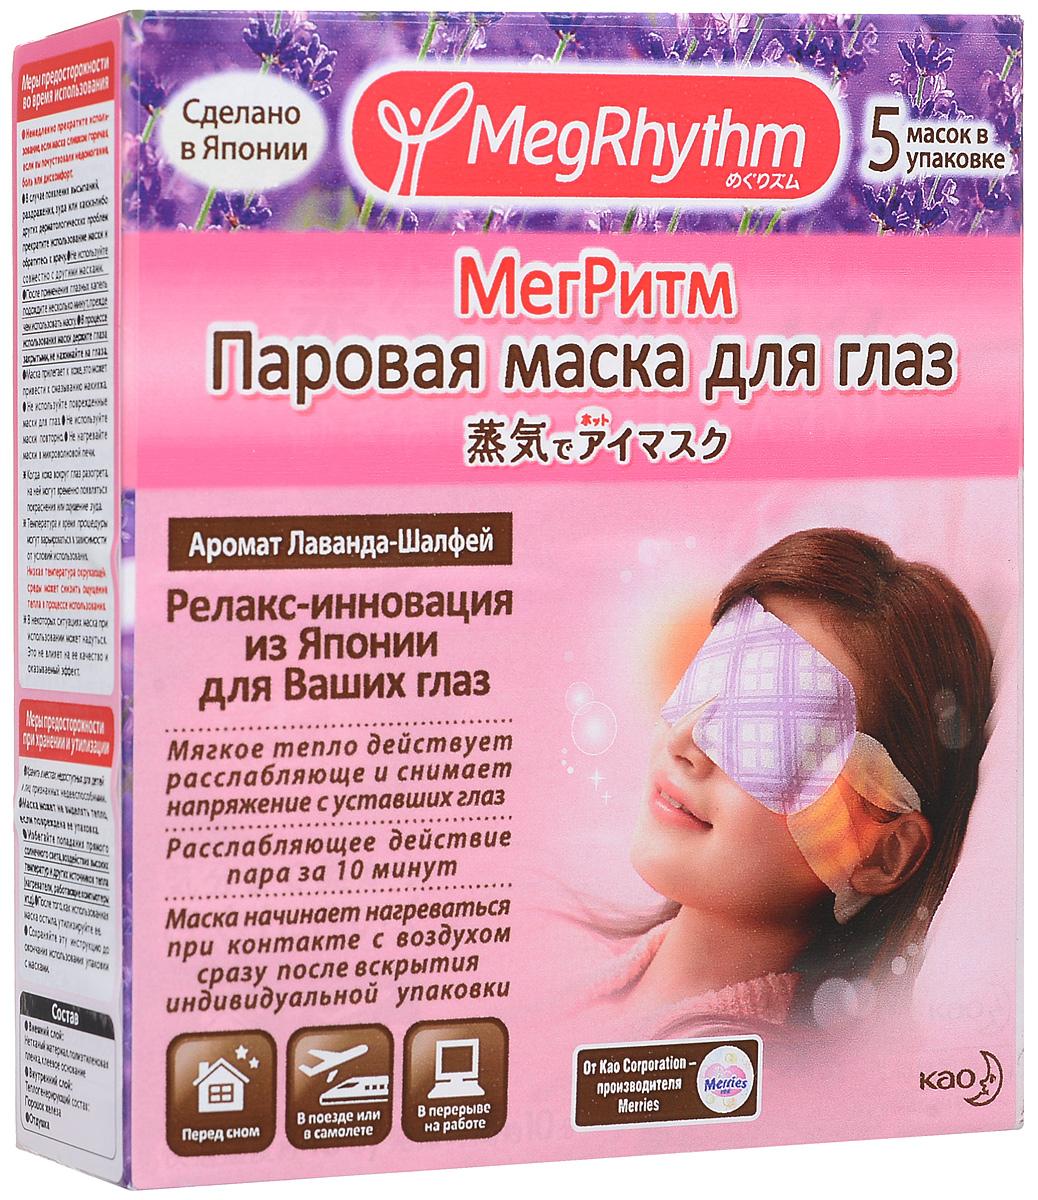 MegRhythm Паровая маска для глаз (Лаванда - Шалфей) 5 штFS-00897Снимите напряжение с ваших уставших глаз с помощью паровой маски. Теплый пар температурой около 40 С в течение 10 минут мягко окутывает глаза. * В процессе использования пар невидим, но его эффект можно почувствовать по увлажнению кожи вокруг глаз после завершения процедуры. SPA - процедура на основе согревающего пара успокоит, снимет напряжение, и ваши отдохнувшие глаза снова засияют. Ультратонкий, идеально прилегающий к коже материал. Удобные ушные петли позволяют использовать маску в любом положении. Маска начинает нагреваться сразу после вскрытия что делает ее удобной для использования в любой ситуации. Гигиеническая одноразовая маска удобна в использовании.Уважаемые клиенты!Обращаем ваше внимание на возможные изменения в дизайне упаковки. Качественные характеристики товара остаются неизменными. Поставка осуществляется в зависимости от наличия на складе.